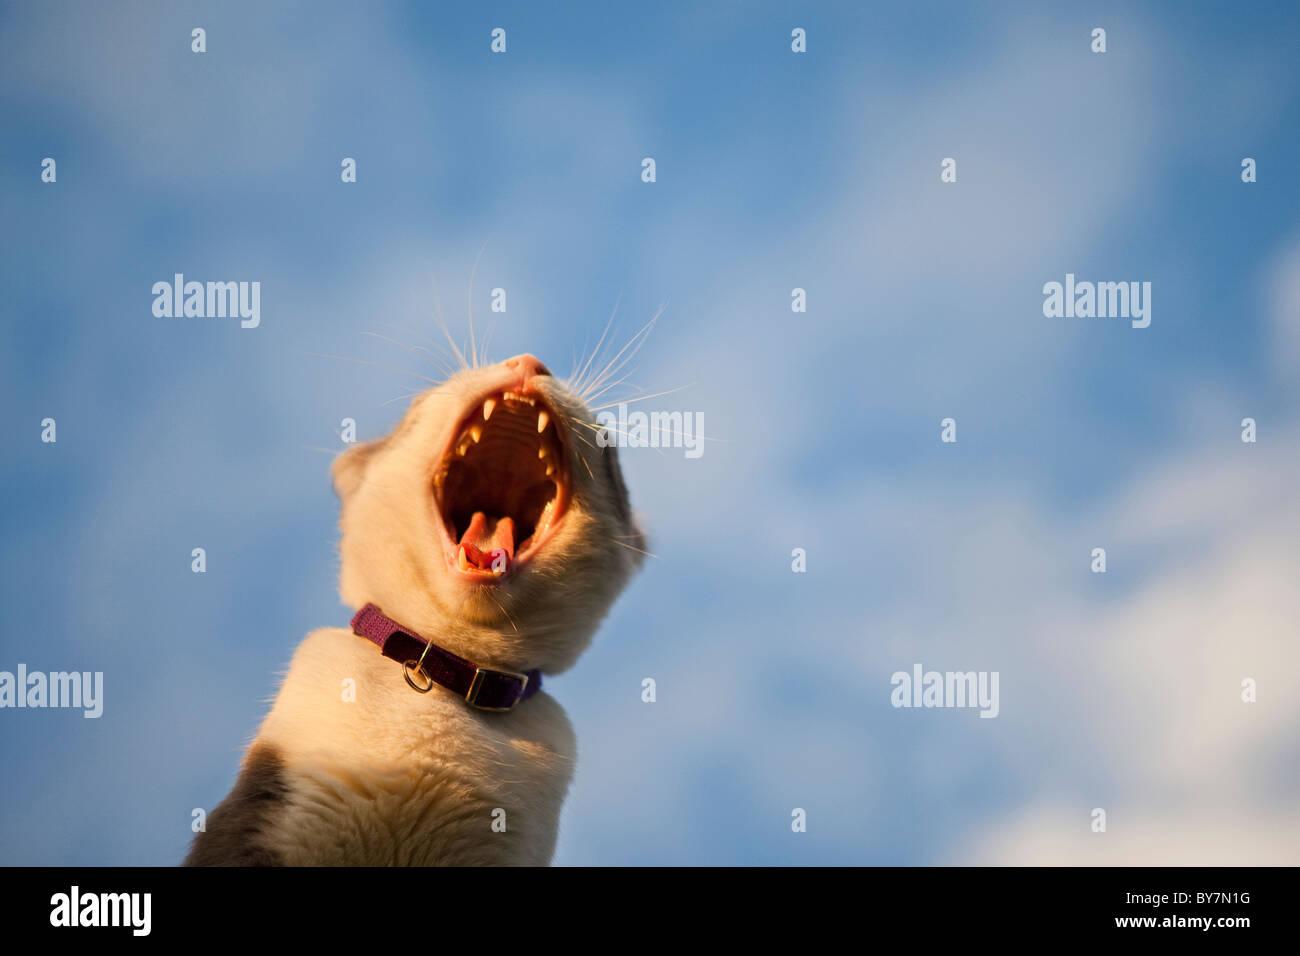 cat yawning - Stock Image